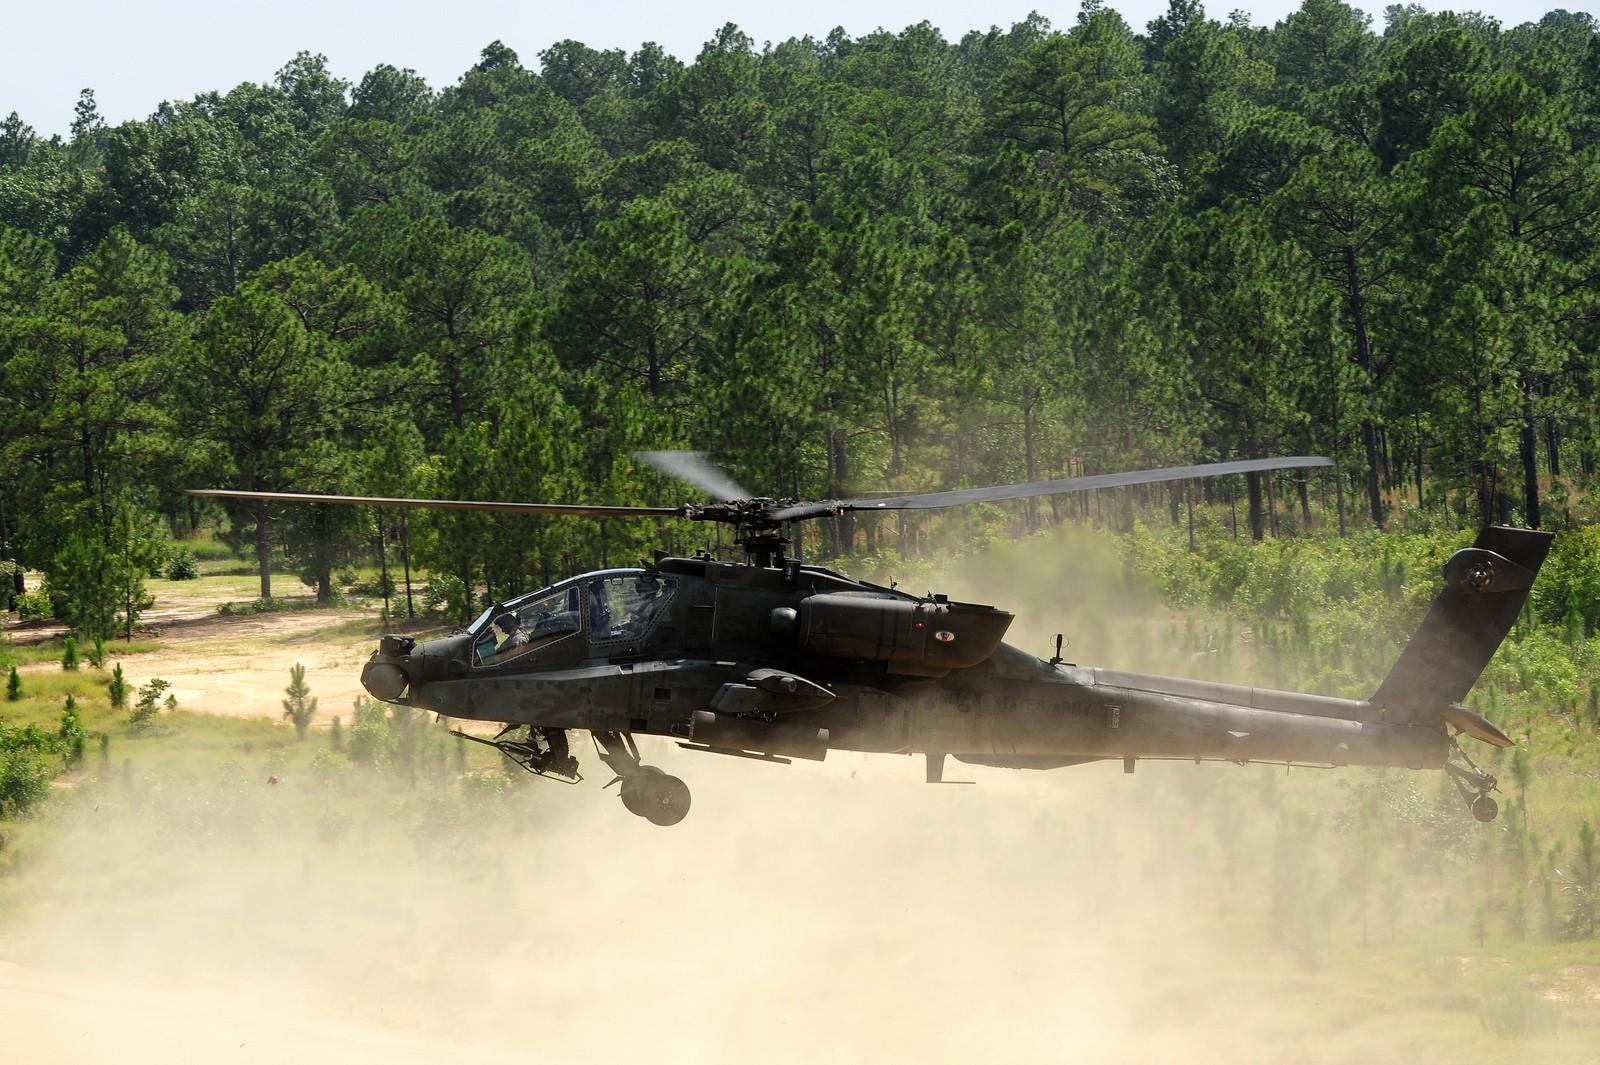 미 육군의 정찰 임무를 떠맡게 될 아파치 공격헬기